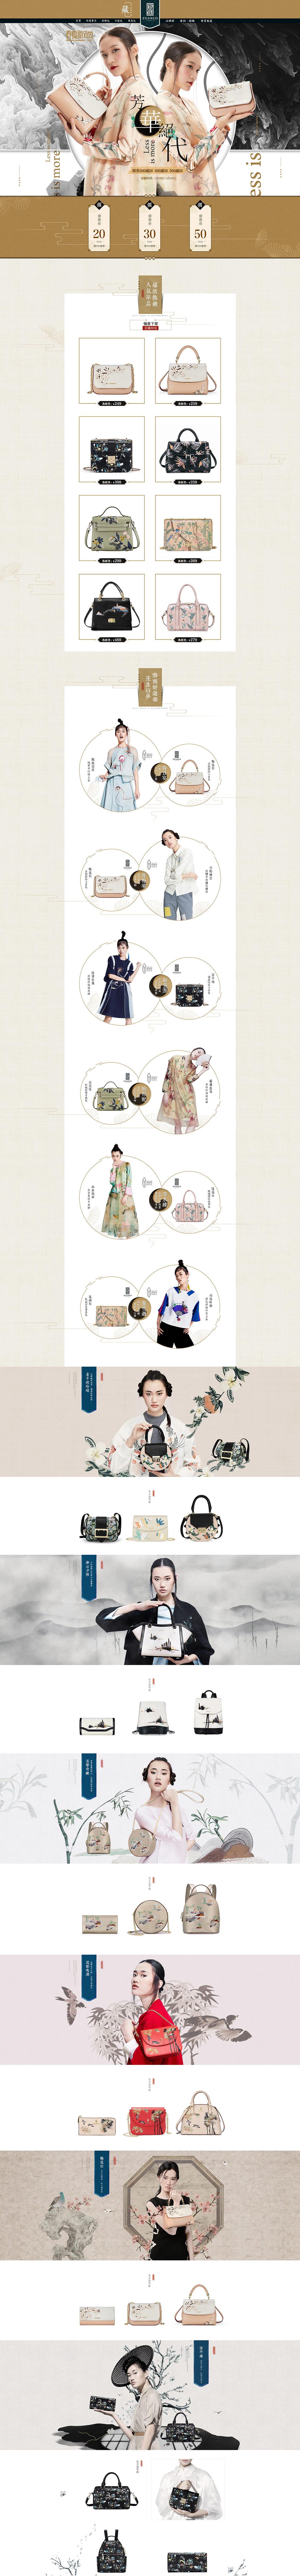 庄洛女包箱包古典中国风 天猫首页活动专题页面设计